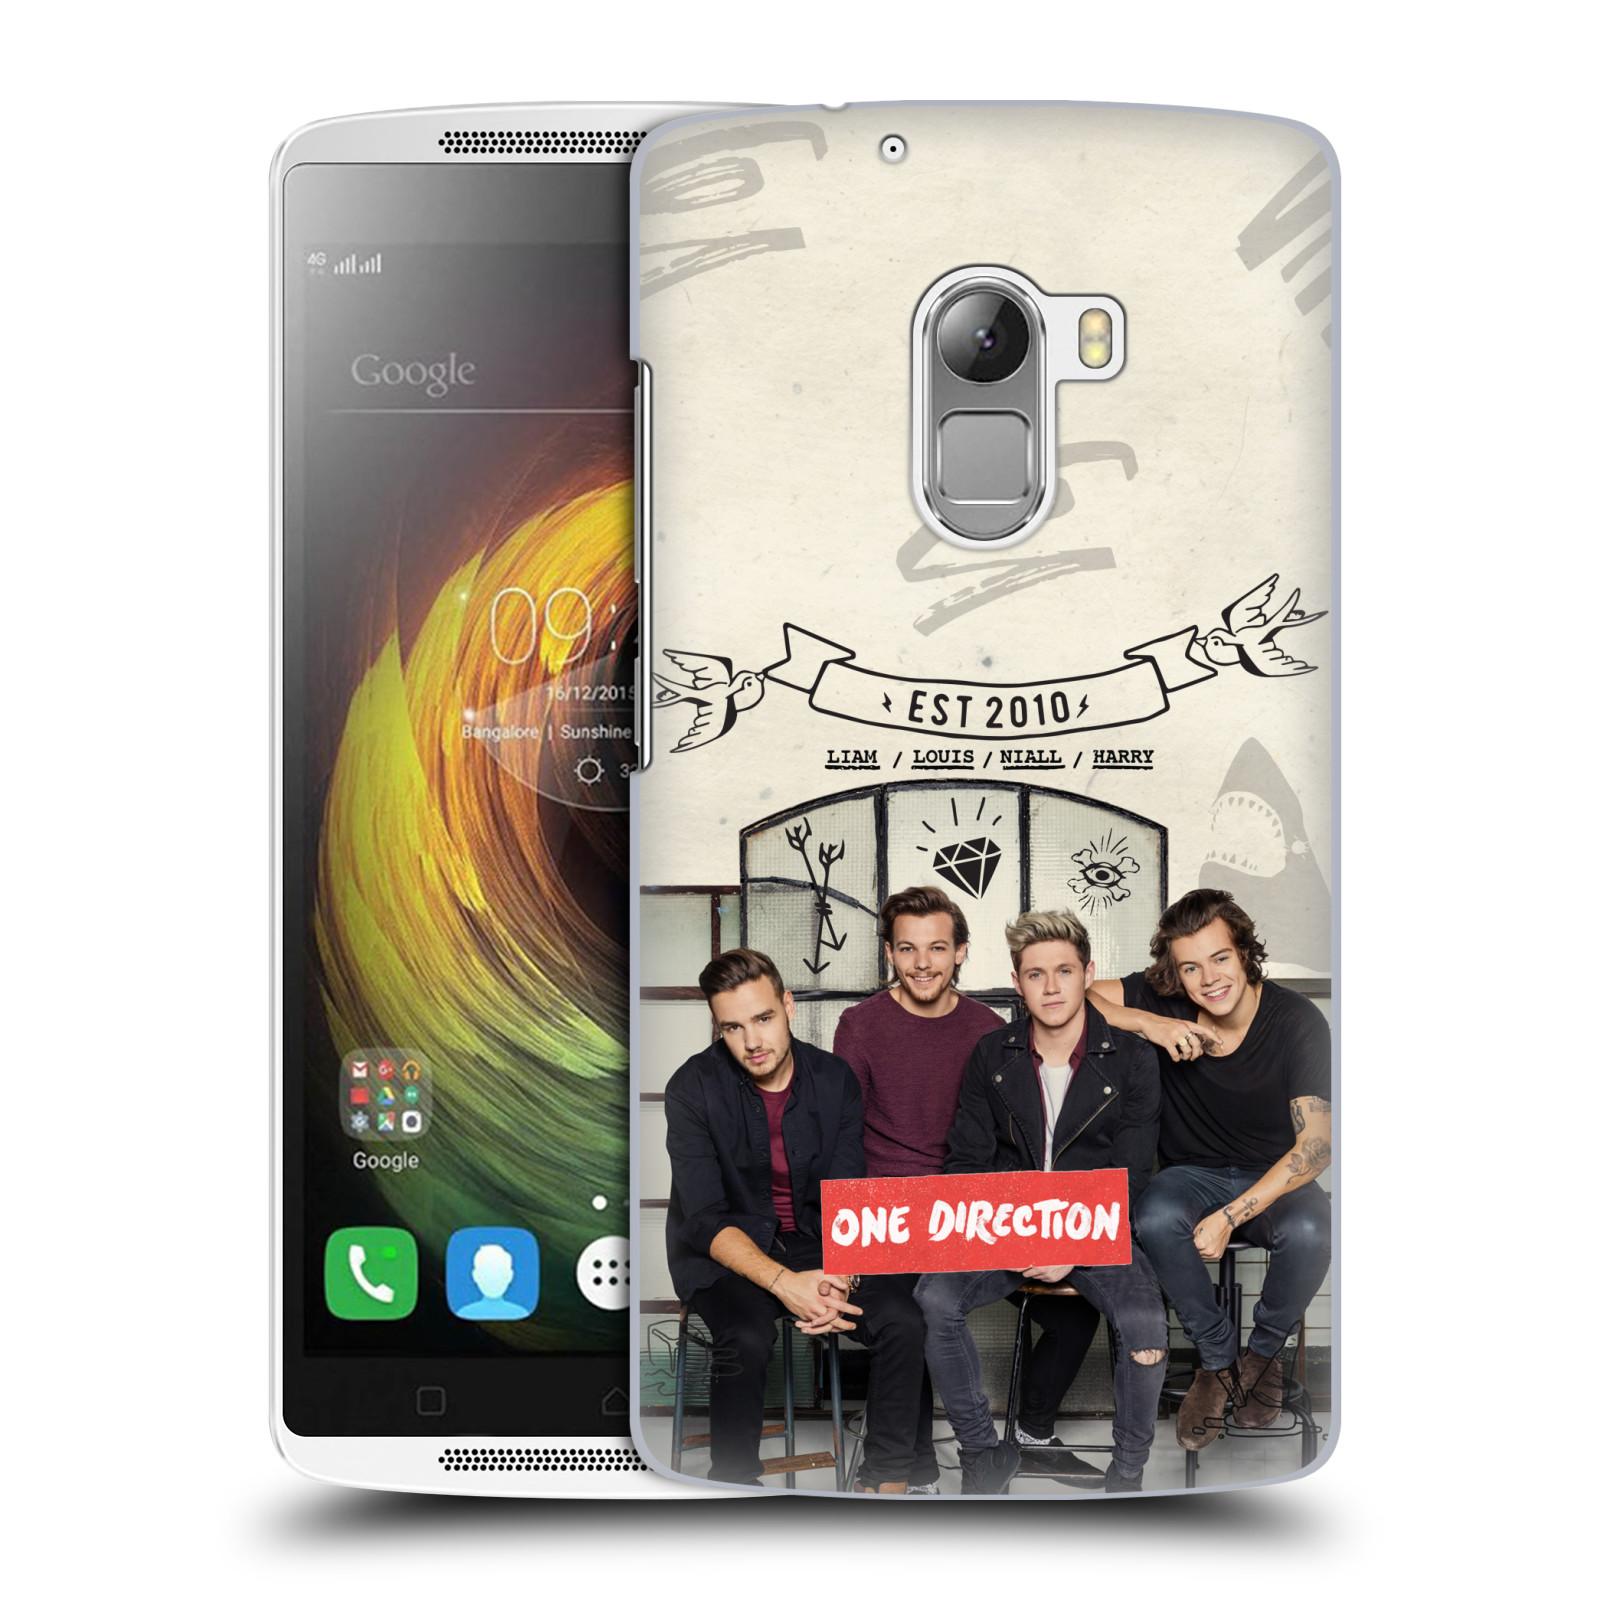 Plastové pouzdro na mobil Lenovo A7010 HEAD CASE One Direction - EST 2010 (Kryt či obal One Direction Official na mobilní telefon Lenovo A7010 Dual SIM / K4 Note / Vibe X3 Lite)